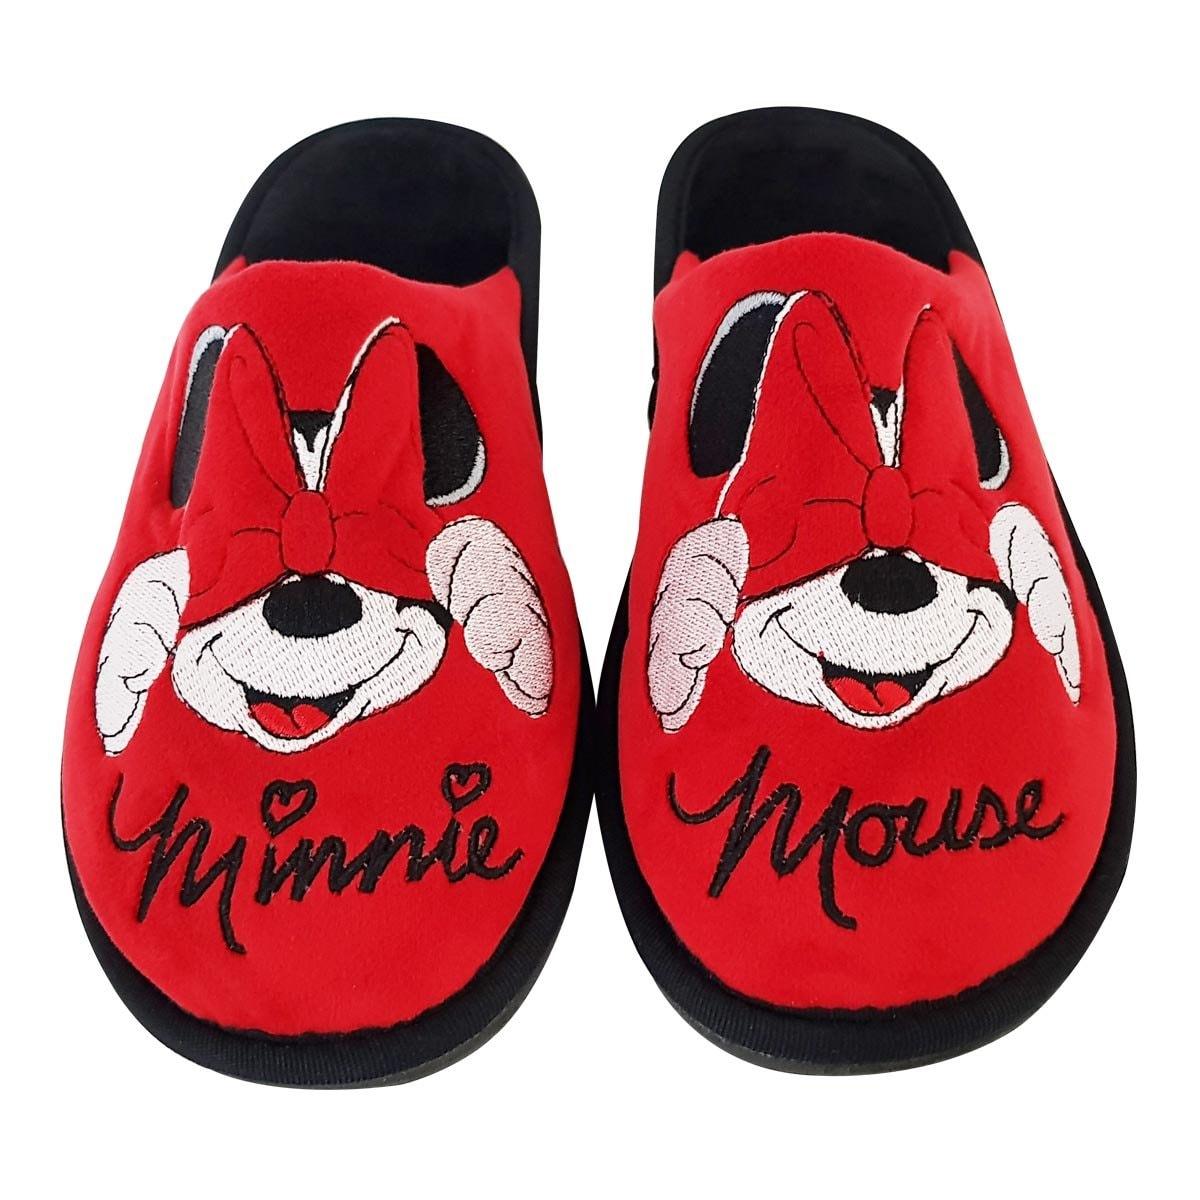 Pantufla Roja con Bordado Minnie Arra